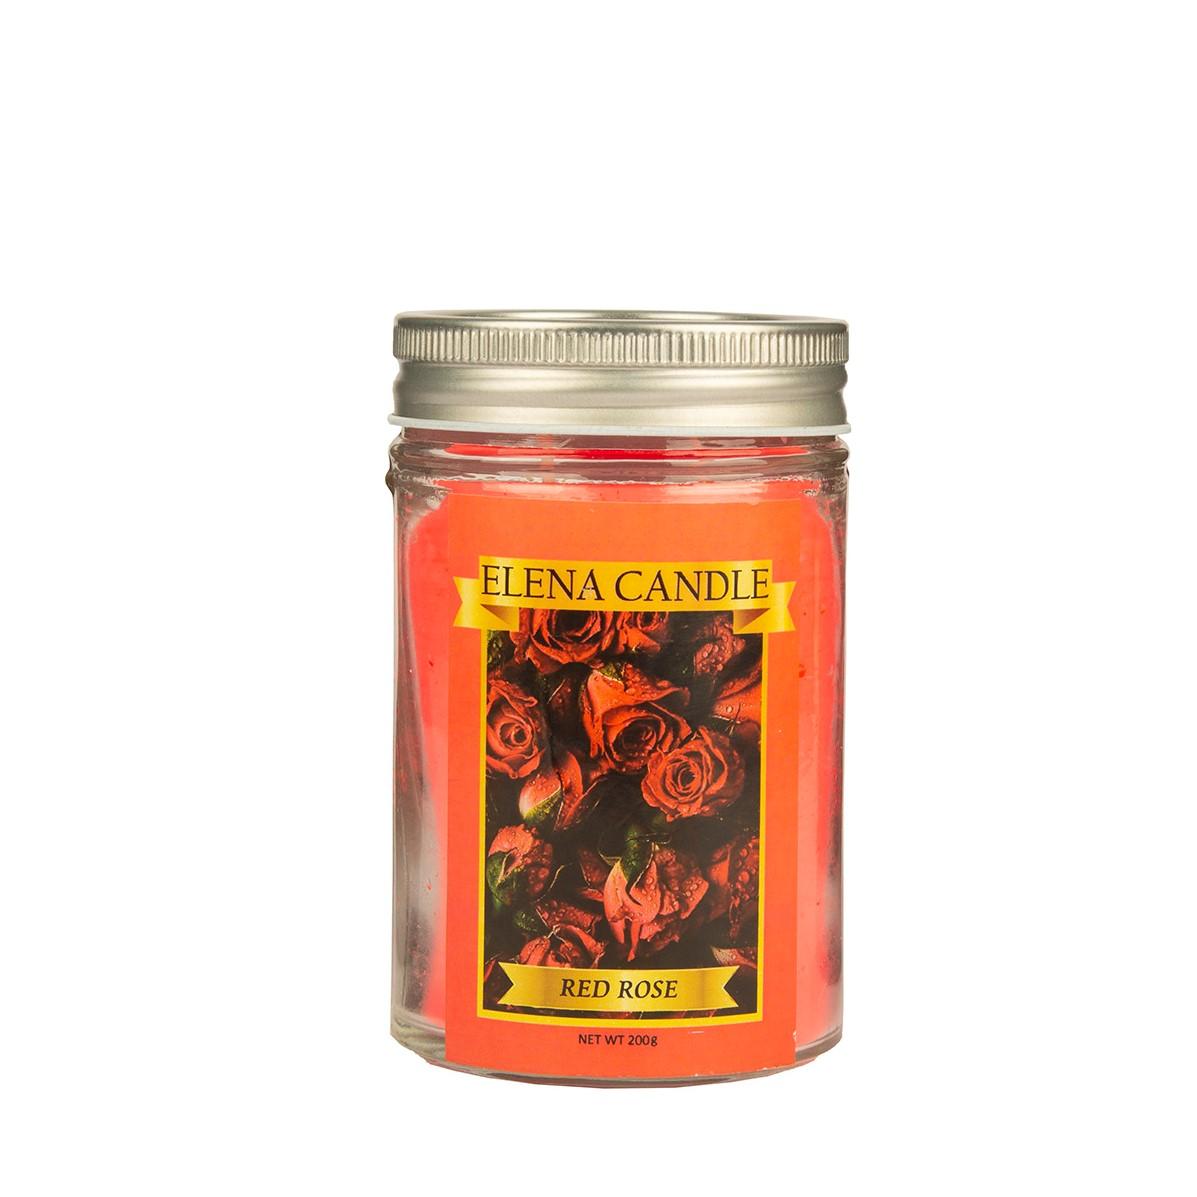 شمع لیوانی النا کندل مدل رز قرمز کد 200